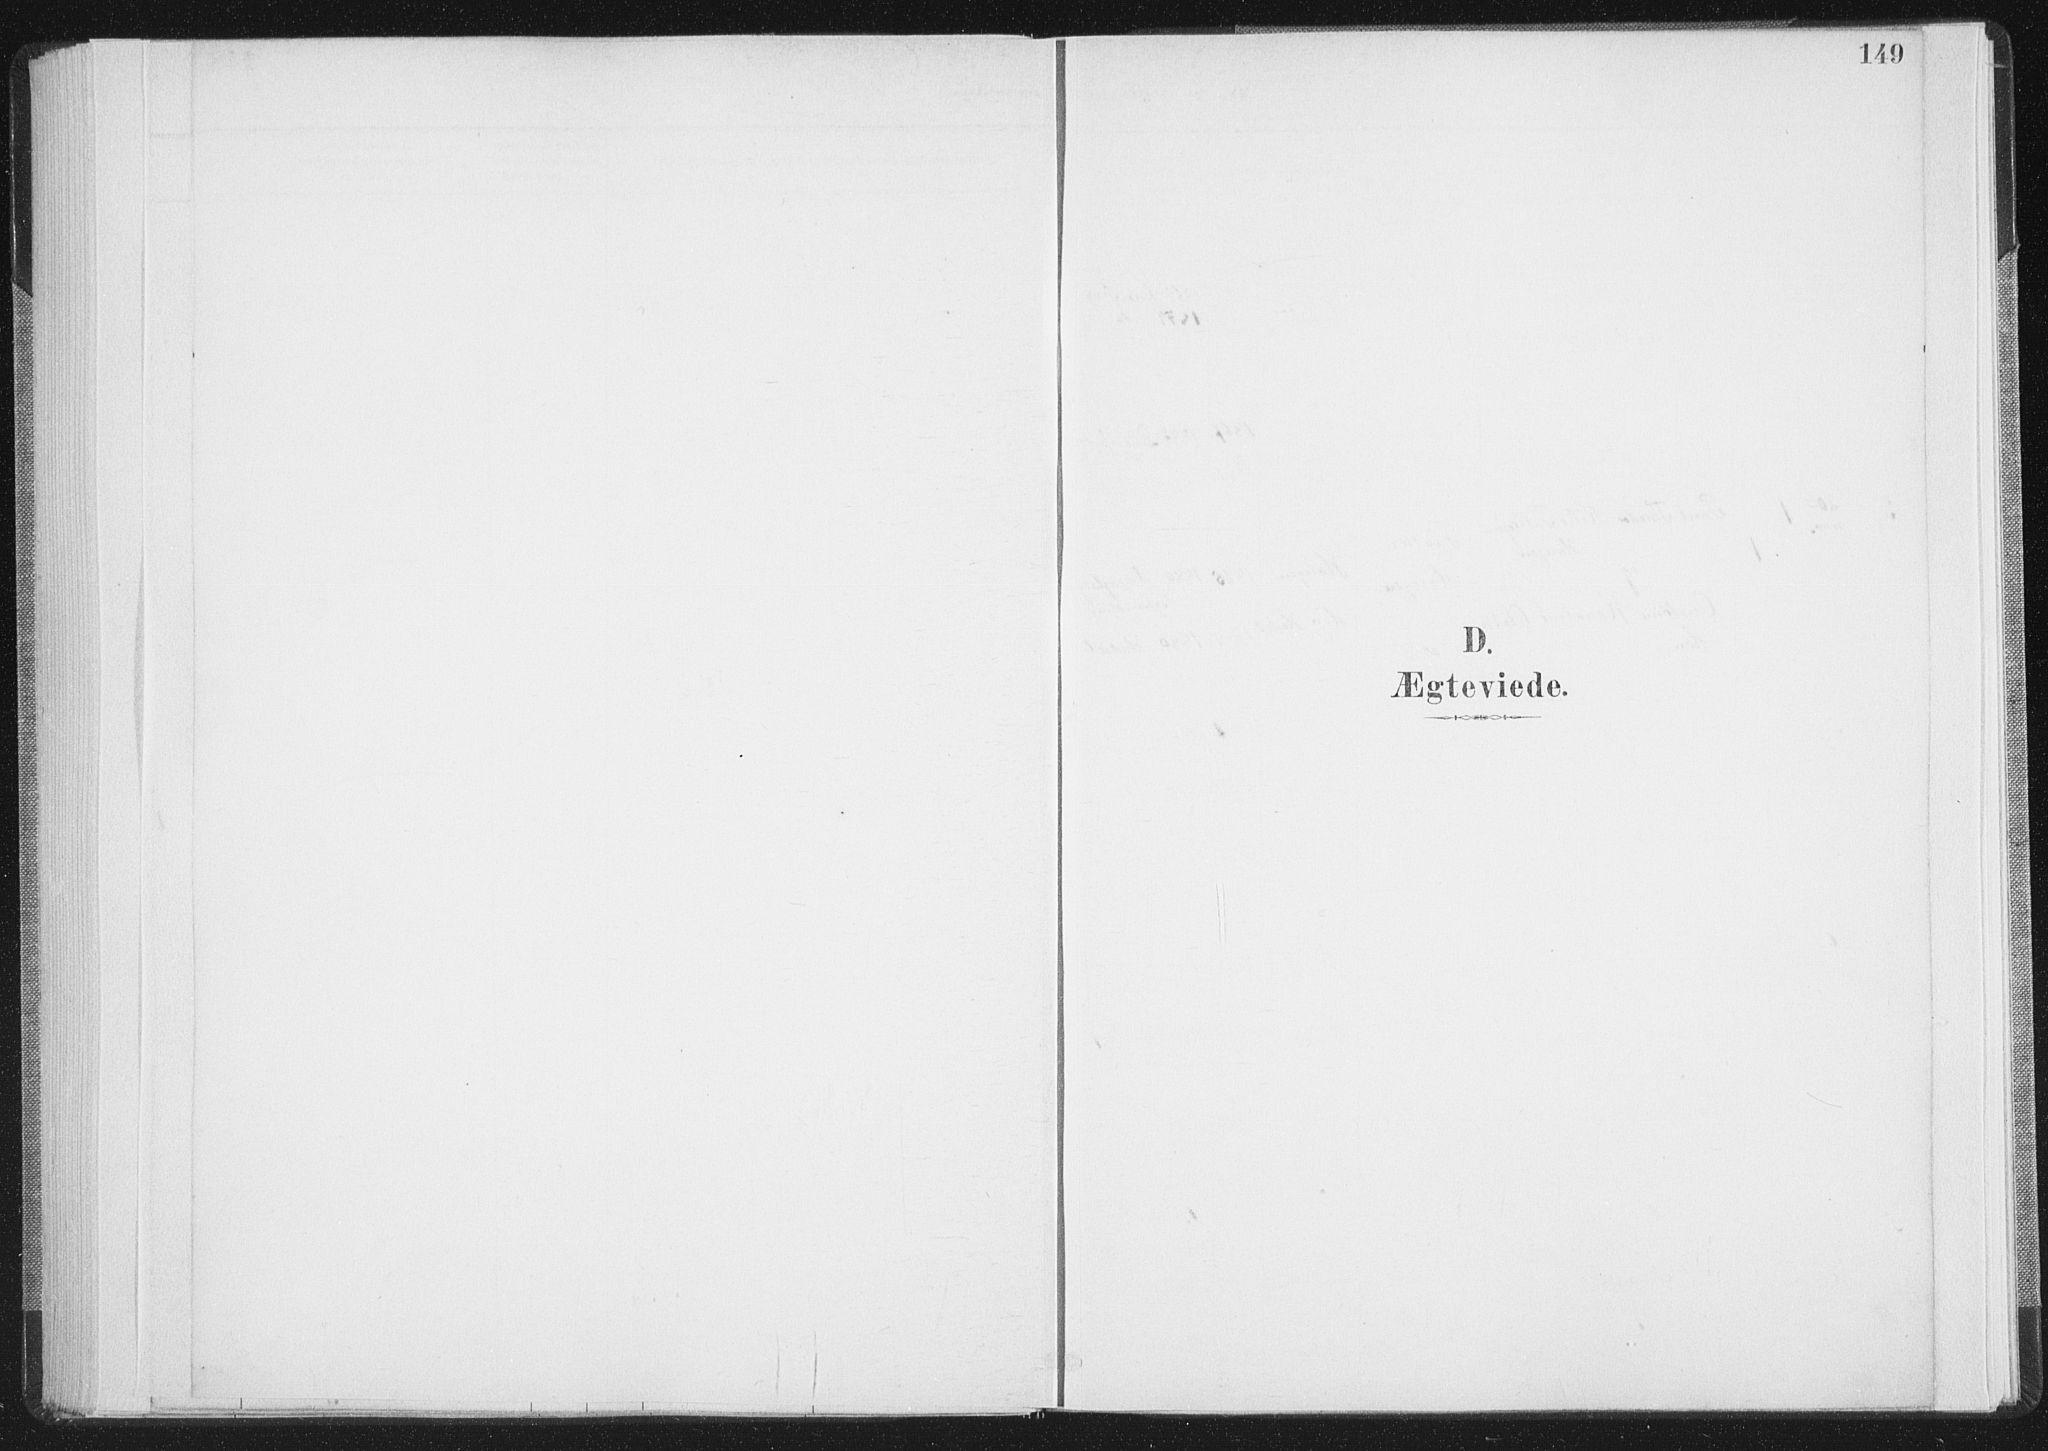 SAT, Ministerialprotokoller, klokkerbøker og fødselsregistre - Nordland, 898/L1422: Parish register (official) no. 898A02, 1887-1908, p. 149